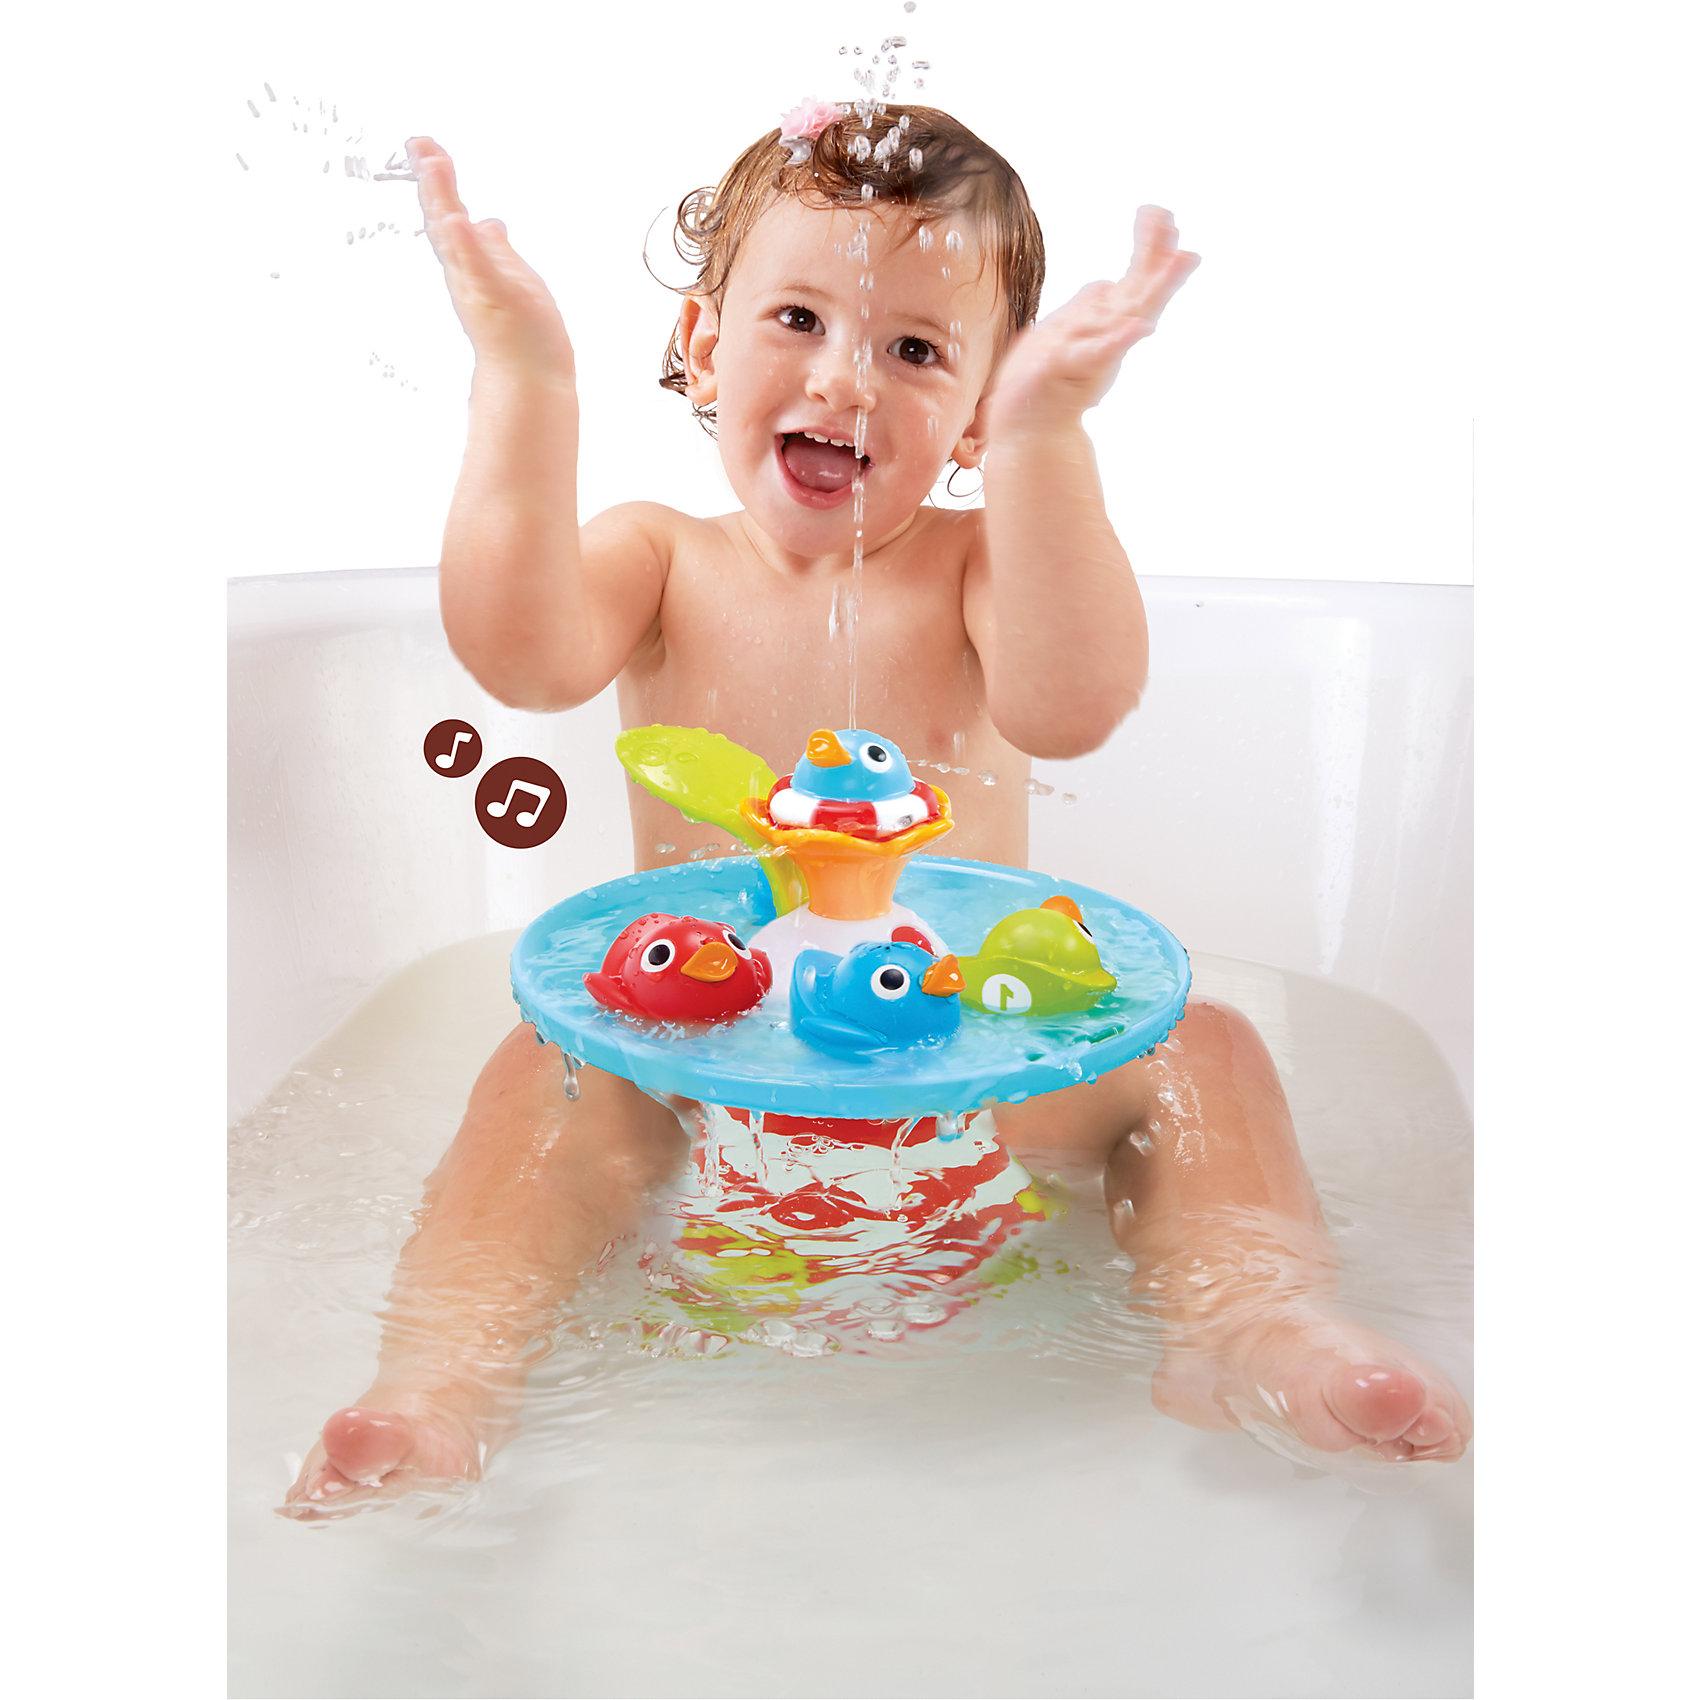 Музыкальная игрушка Утиные гонки, YookidooИгрушки для ванной<br>Музыкальная игрушка Утиные гонки, Yookidoo, позабавит и развлечет Вашего малыша во время купания. Игрушка представляет собой красочный фонтан с 4-мя фигурками уточек, которые кружатся по специальному желобку, наполняемому водой. Переключая на корпусе игрушки рычажок-листочек ребенок запускает забавные музыкальные и водные эффекты. Уточки кружатся вокруг фонтана, издавая забавные звуки и выпуская струйки воды. Всего в игрушке 9 различных музыкальных и водных эффектов. Имеется функция отключения звука. Игра развивает<br>координацию движений, причинно-следственное мышление, дает представление о таких физических свойствах как пустота-заполненность и плавучесть и ее отсутствие.<br><br>Дополнительная информация:<br><br>- В комплекте: фонтан, 4 разноцветные фигурки уток.<br>- Материал: пластик.<br>- Требуются батарейки: 4 х АА (в комплект не входят).<br>- Размер упаковки: 24,5 х 22,5 х 27,5 см.<br>- Вес: 0,91 кг.<br><br>Музыкальную игрушку Утиные гонки, Yookidoo, можно купить в нашем интернет-магазине.<br><br>Ширина мм: 25<br>Глубина мм: 28<br>Высота мм: 23<br>Вес г: 910<br>Возраст от месяцев: 6<br>Возраст до месяцев: 36<br>Пол: Унисекс<br>Возраст: Детский<br>SKU: 4244274